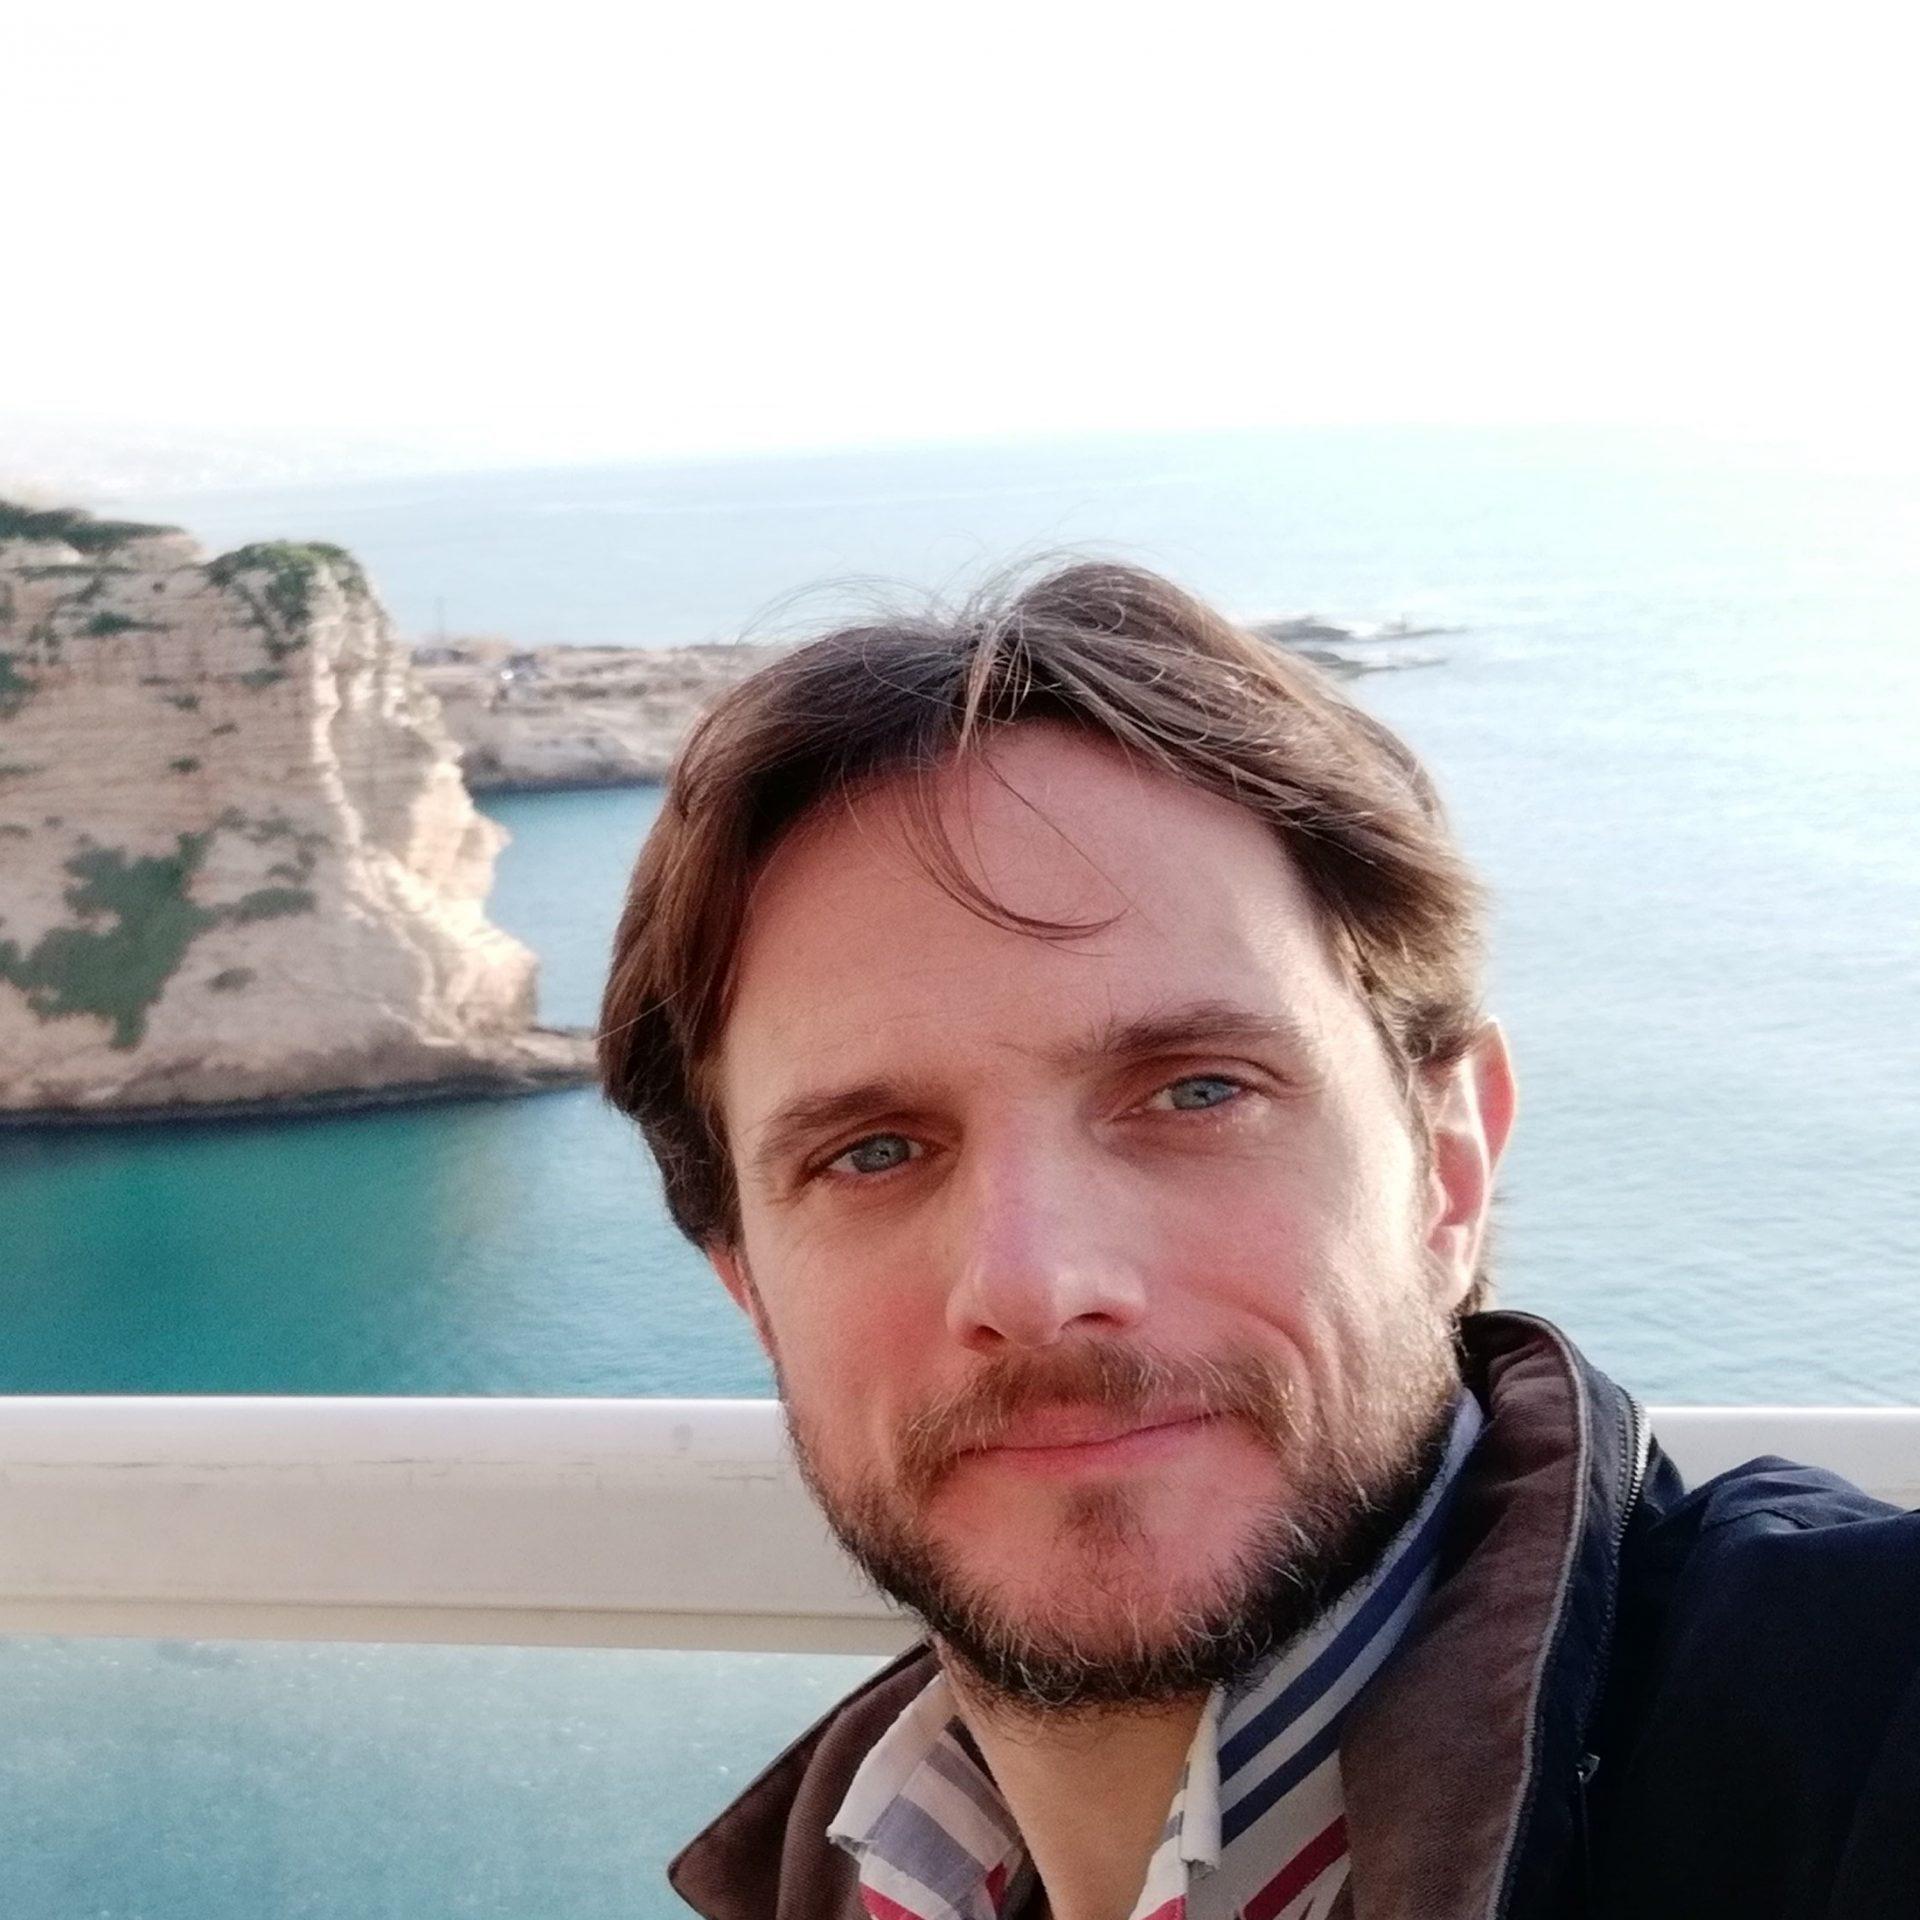 Arturo Rey da Silva in Beirut, Lebanon.